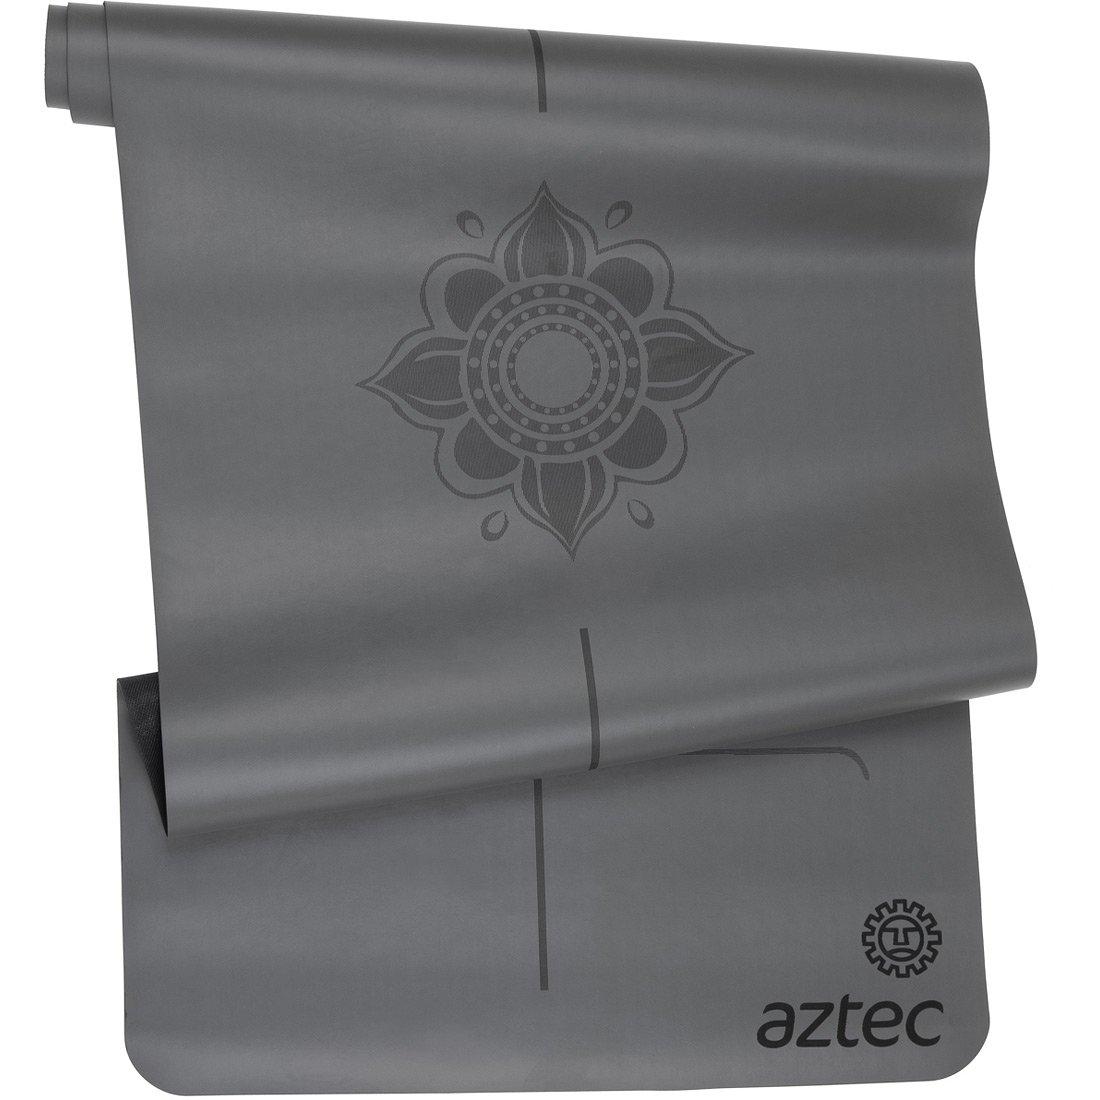 מזרון יוגה - Karma - Aztec